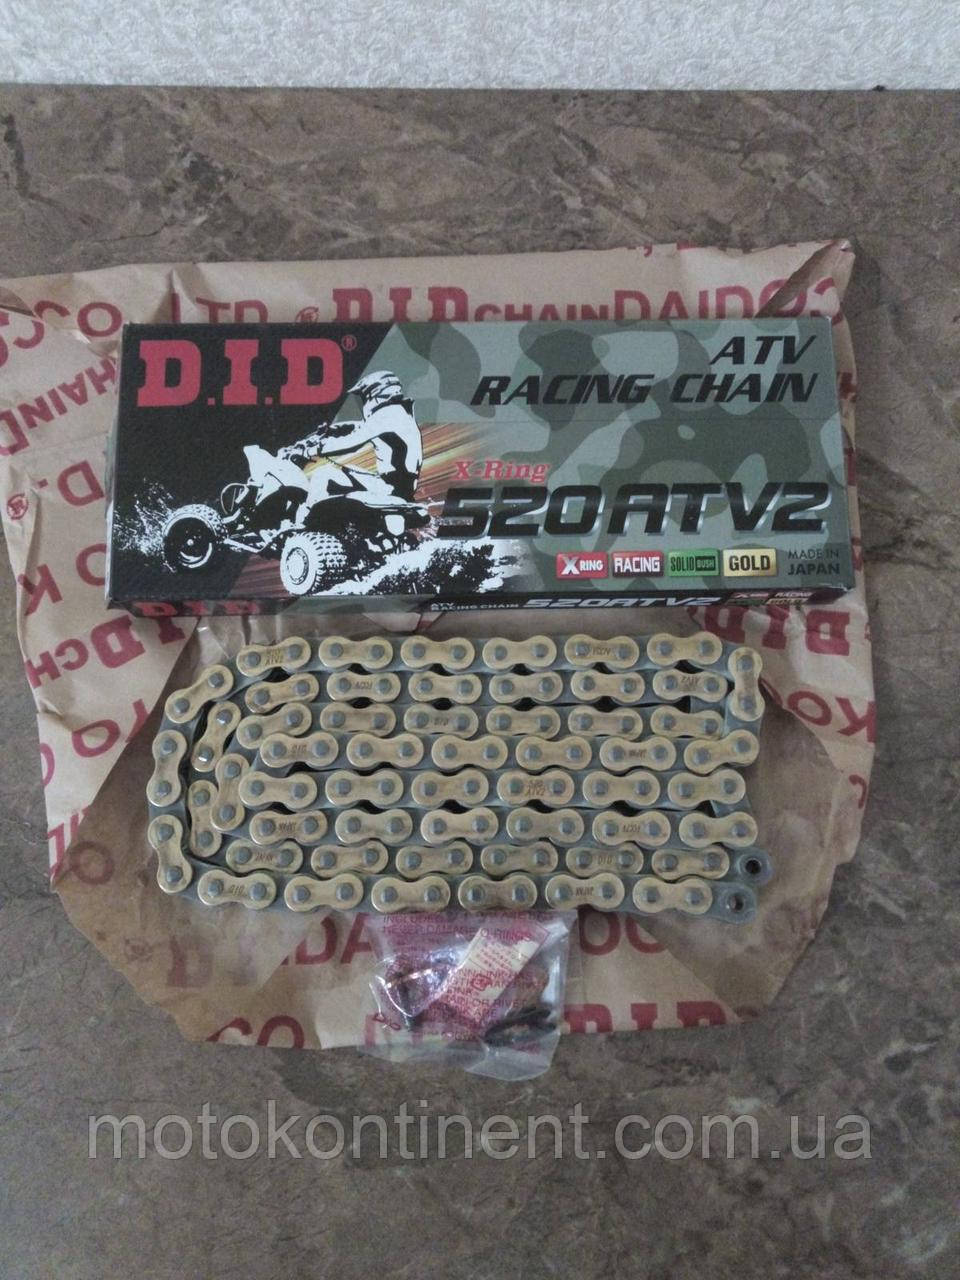 Ланцюг для квадроцикла DID 520ATV 84 G&B чорно - золота сальники типу X-Ring